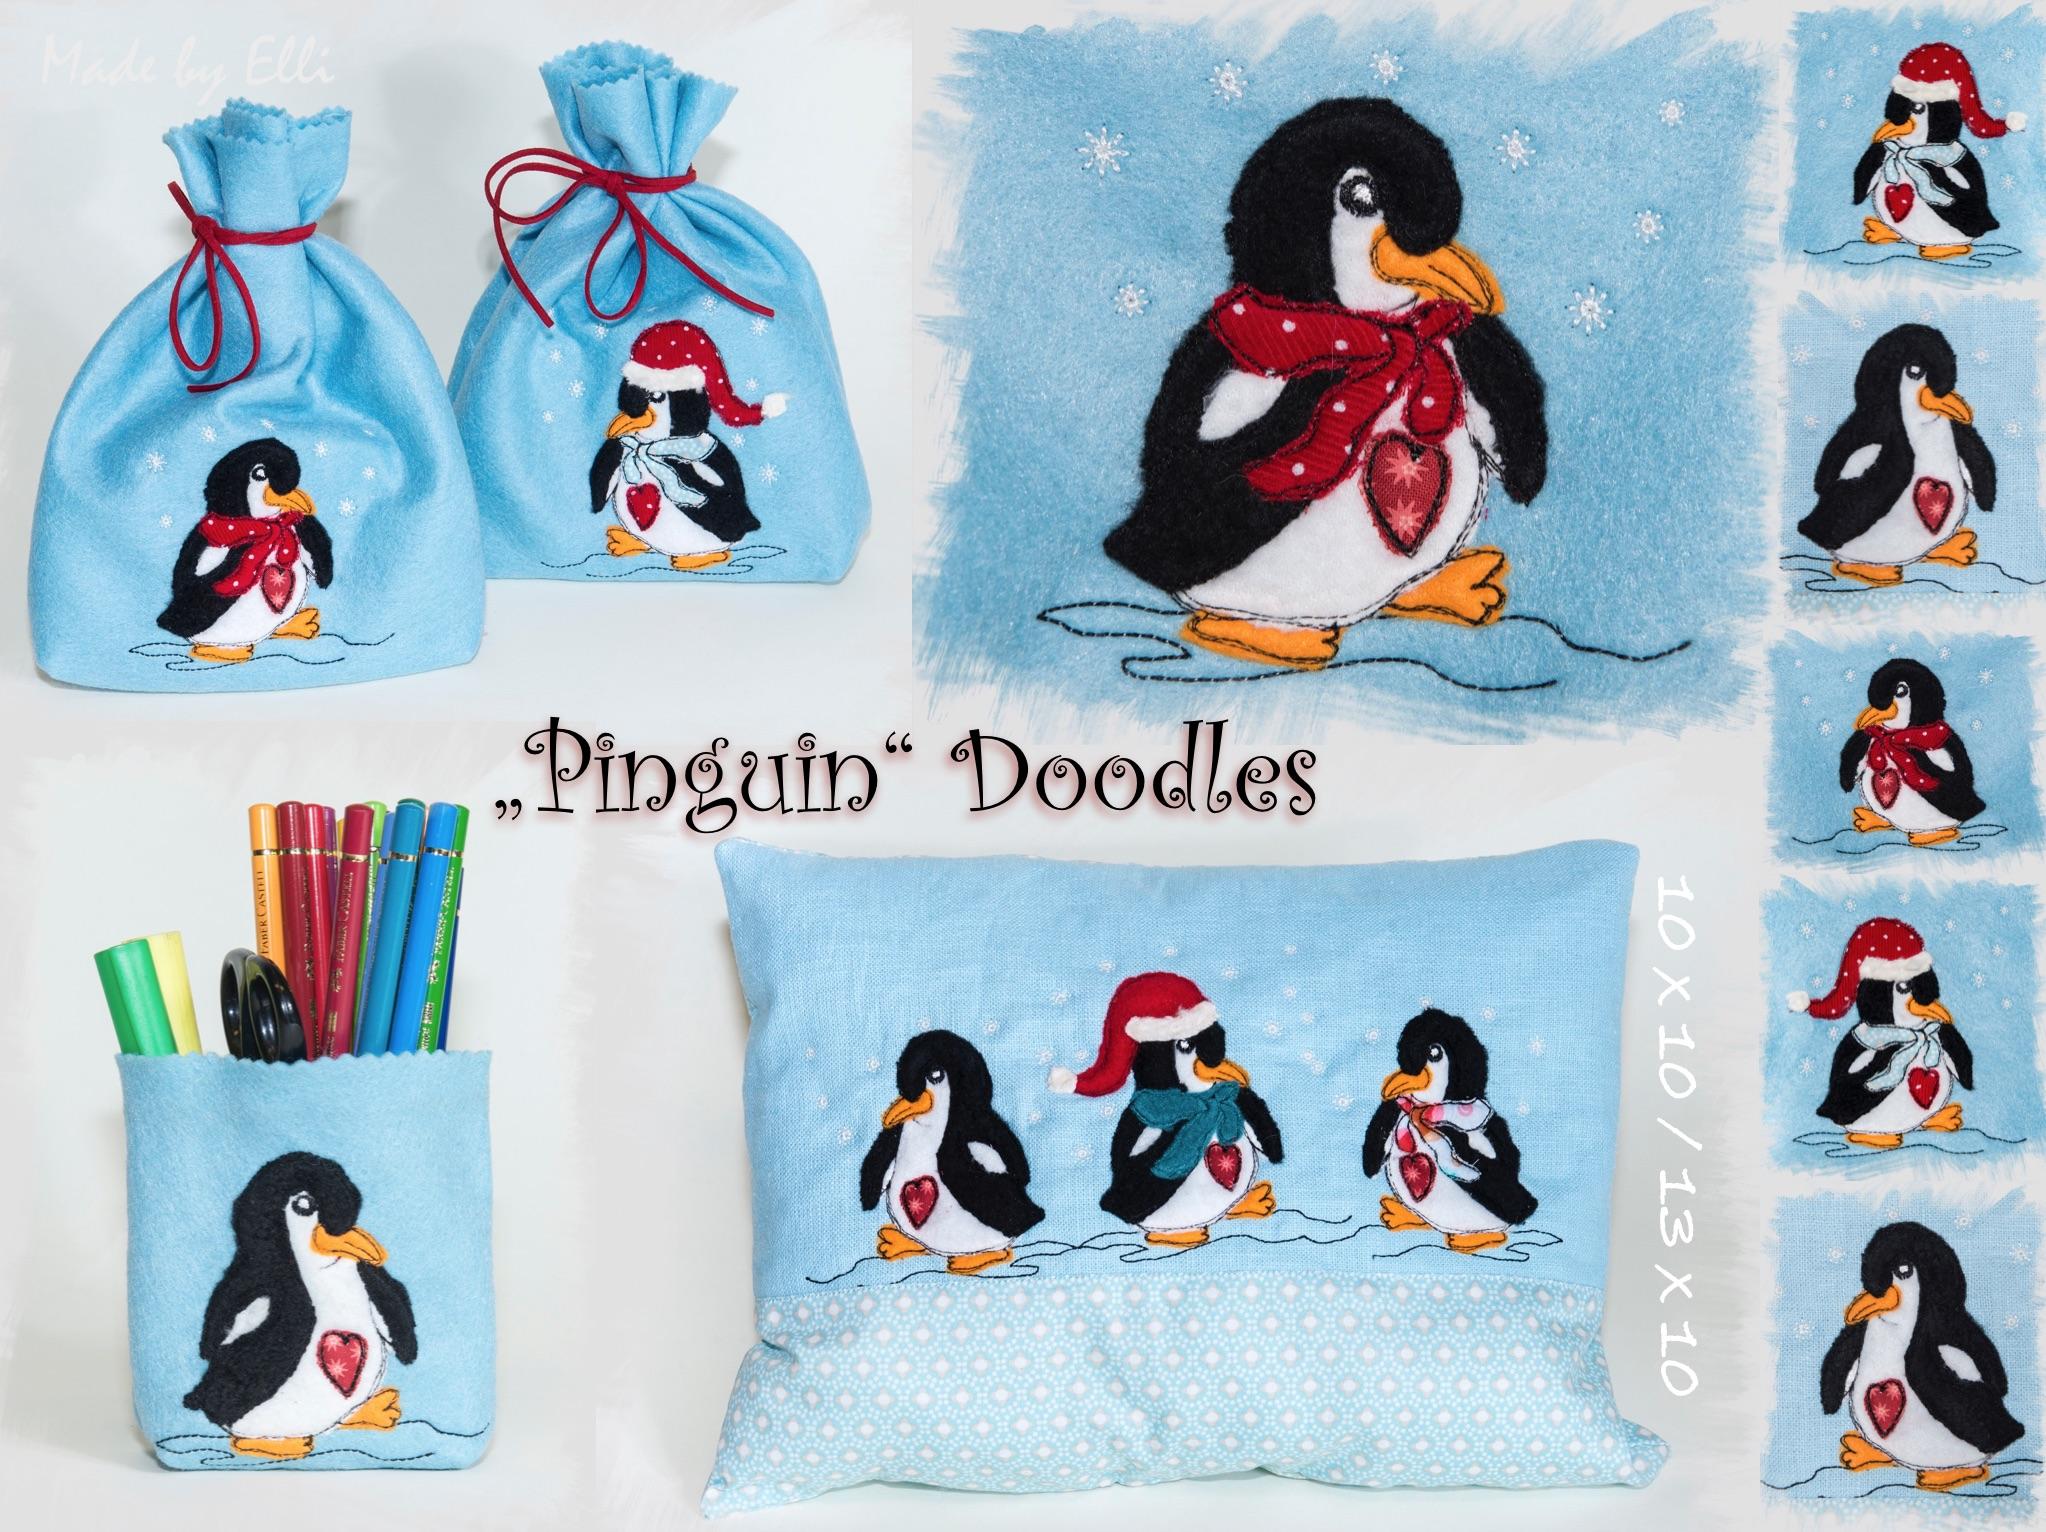 Pinguin Doodles